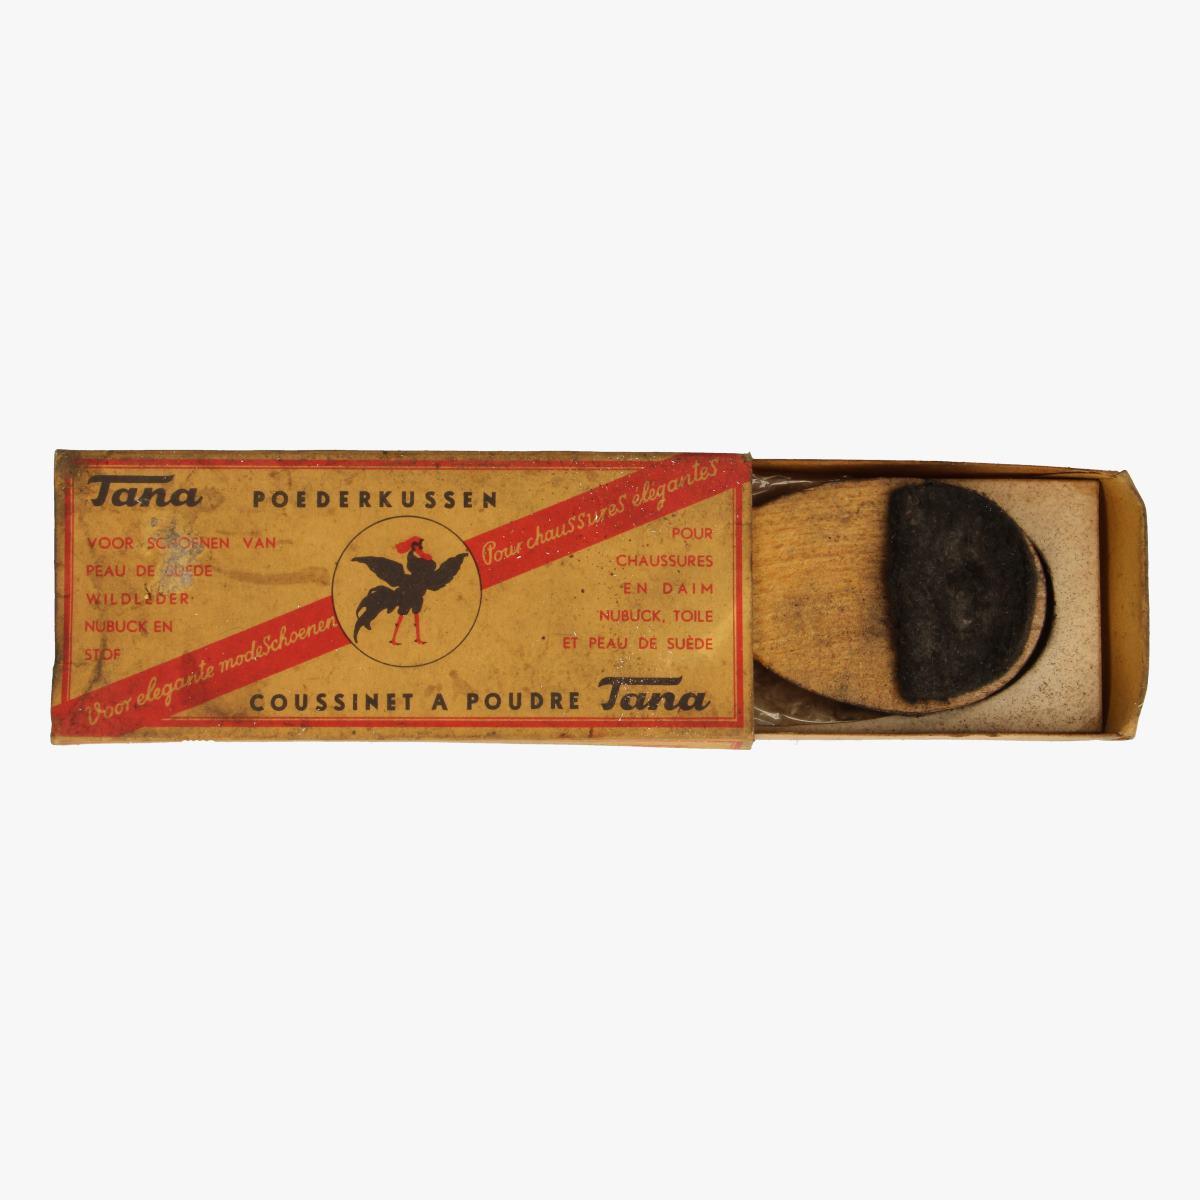 Afbeeldingen van doosje poederkussen voor schoenen TANA